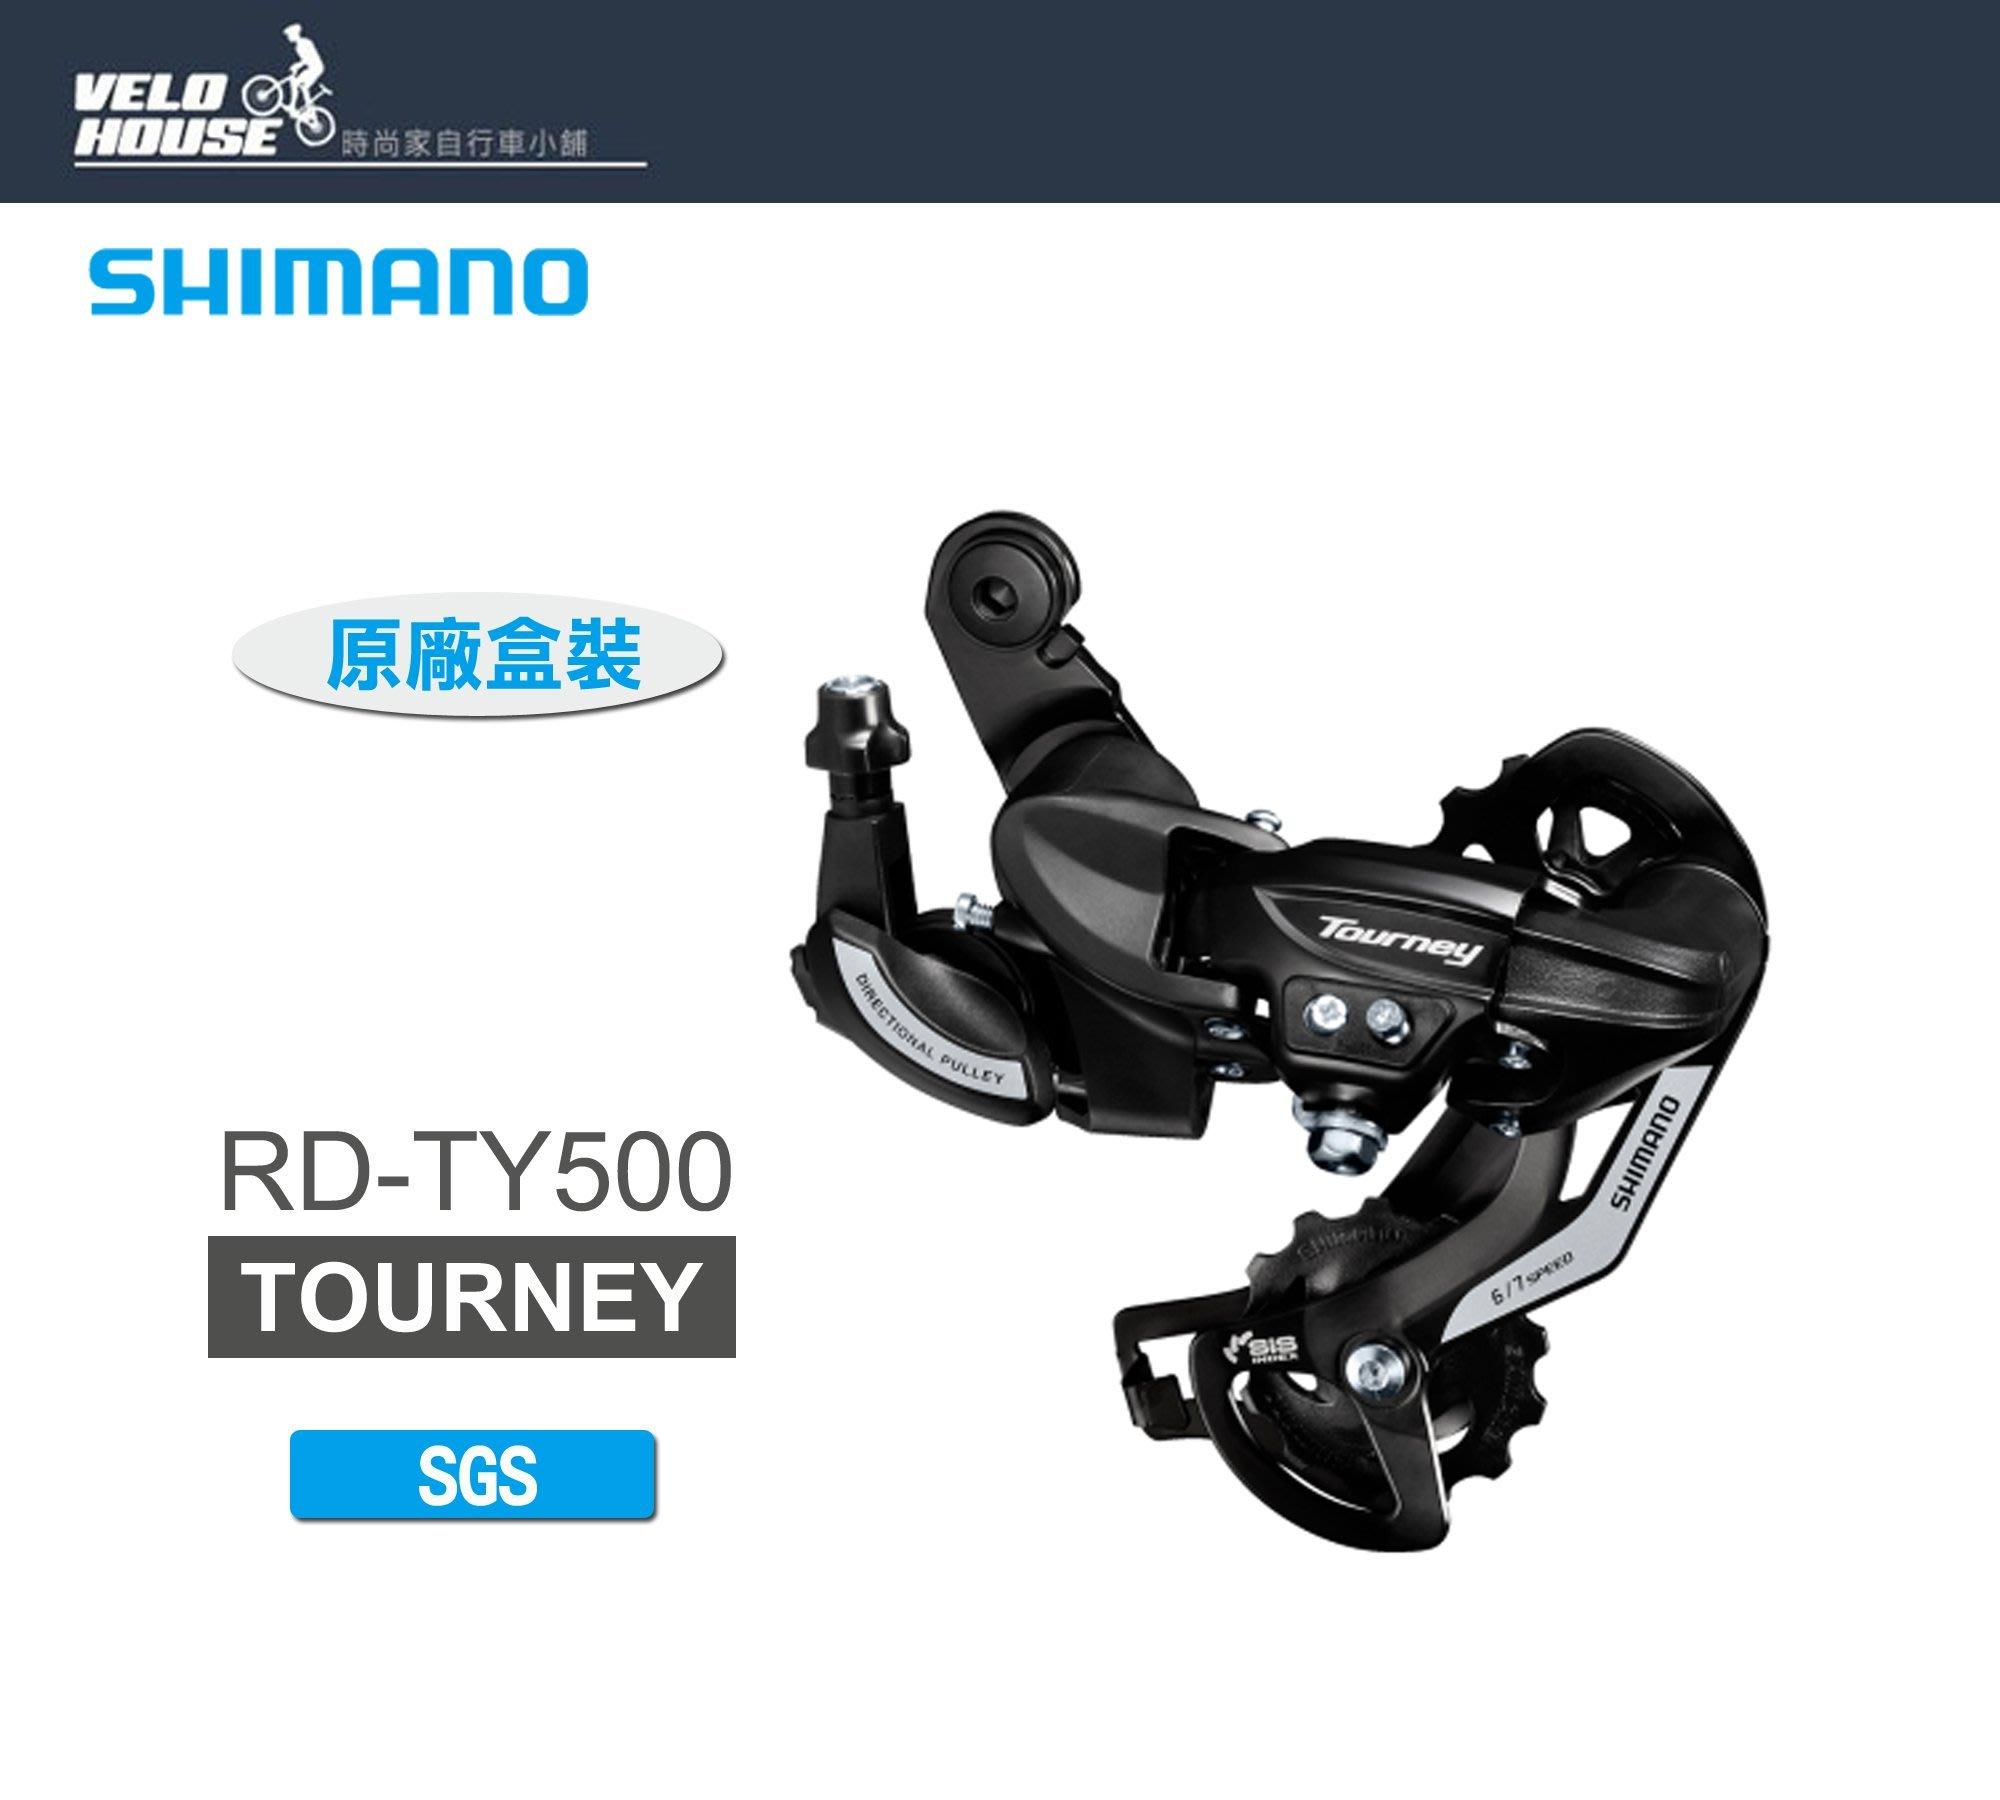 【飛輪單車】SHIMANO TOURNEY TY500 6/7速後變速器-鎖牙式(原廠盒裝)[34393696]